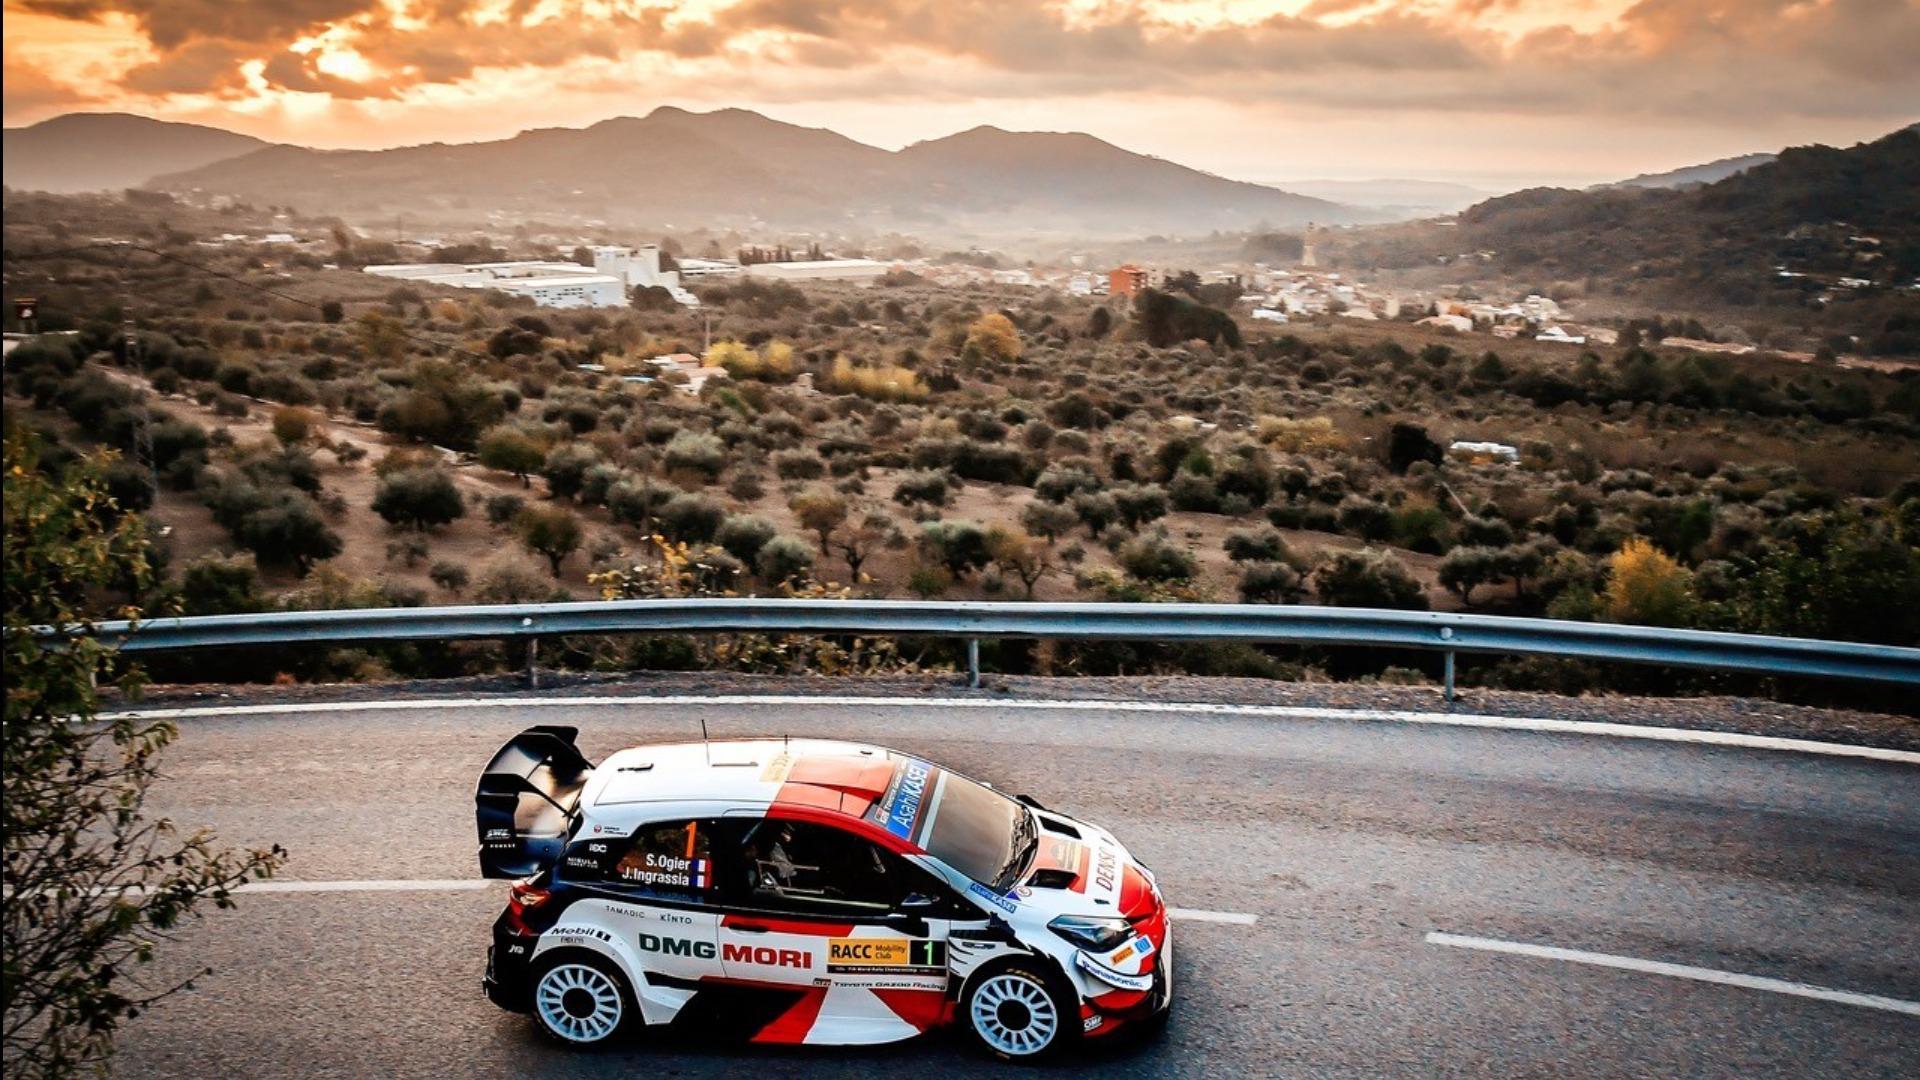 RallyRACC Catalunya - Rally de España 2021: Friday Highlights